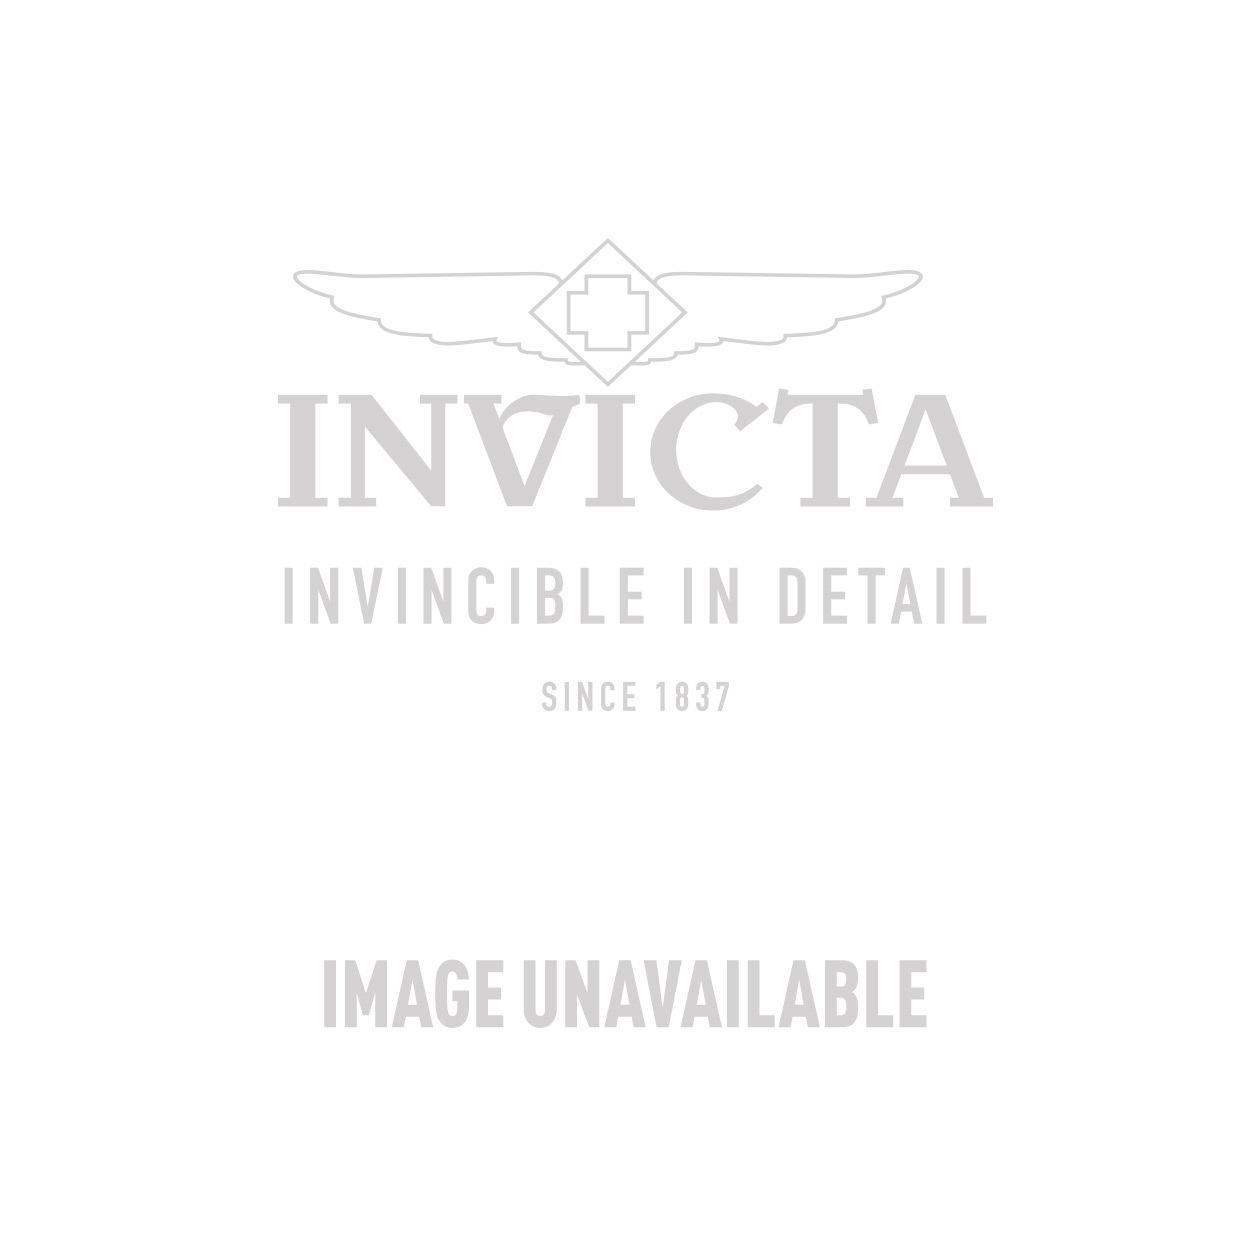 Invicta Model 26708